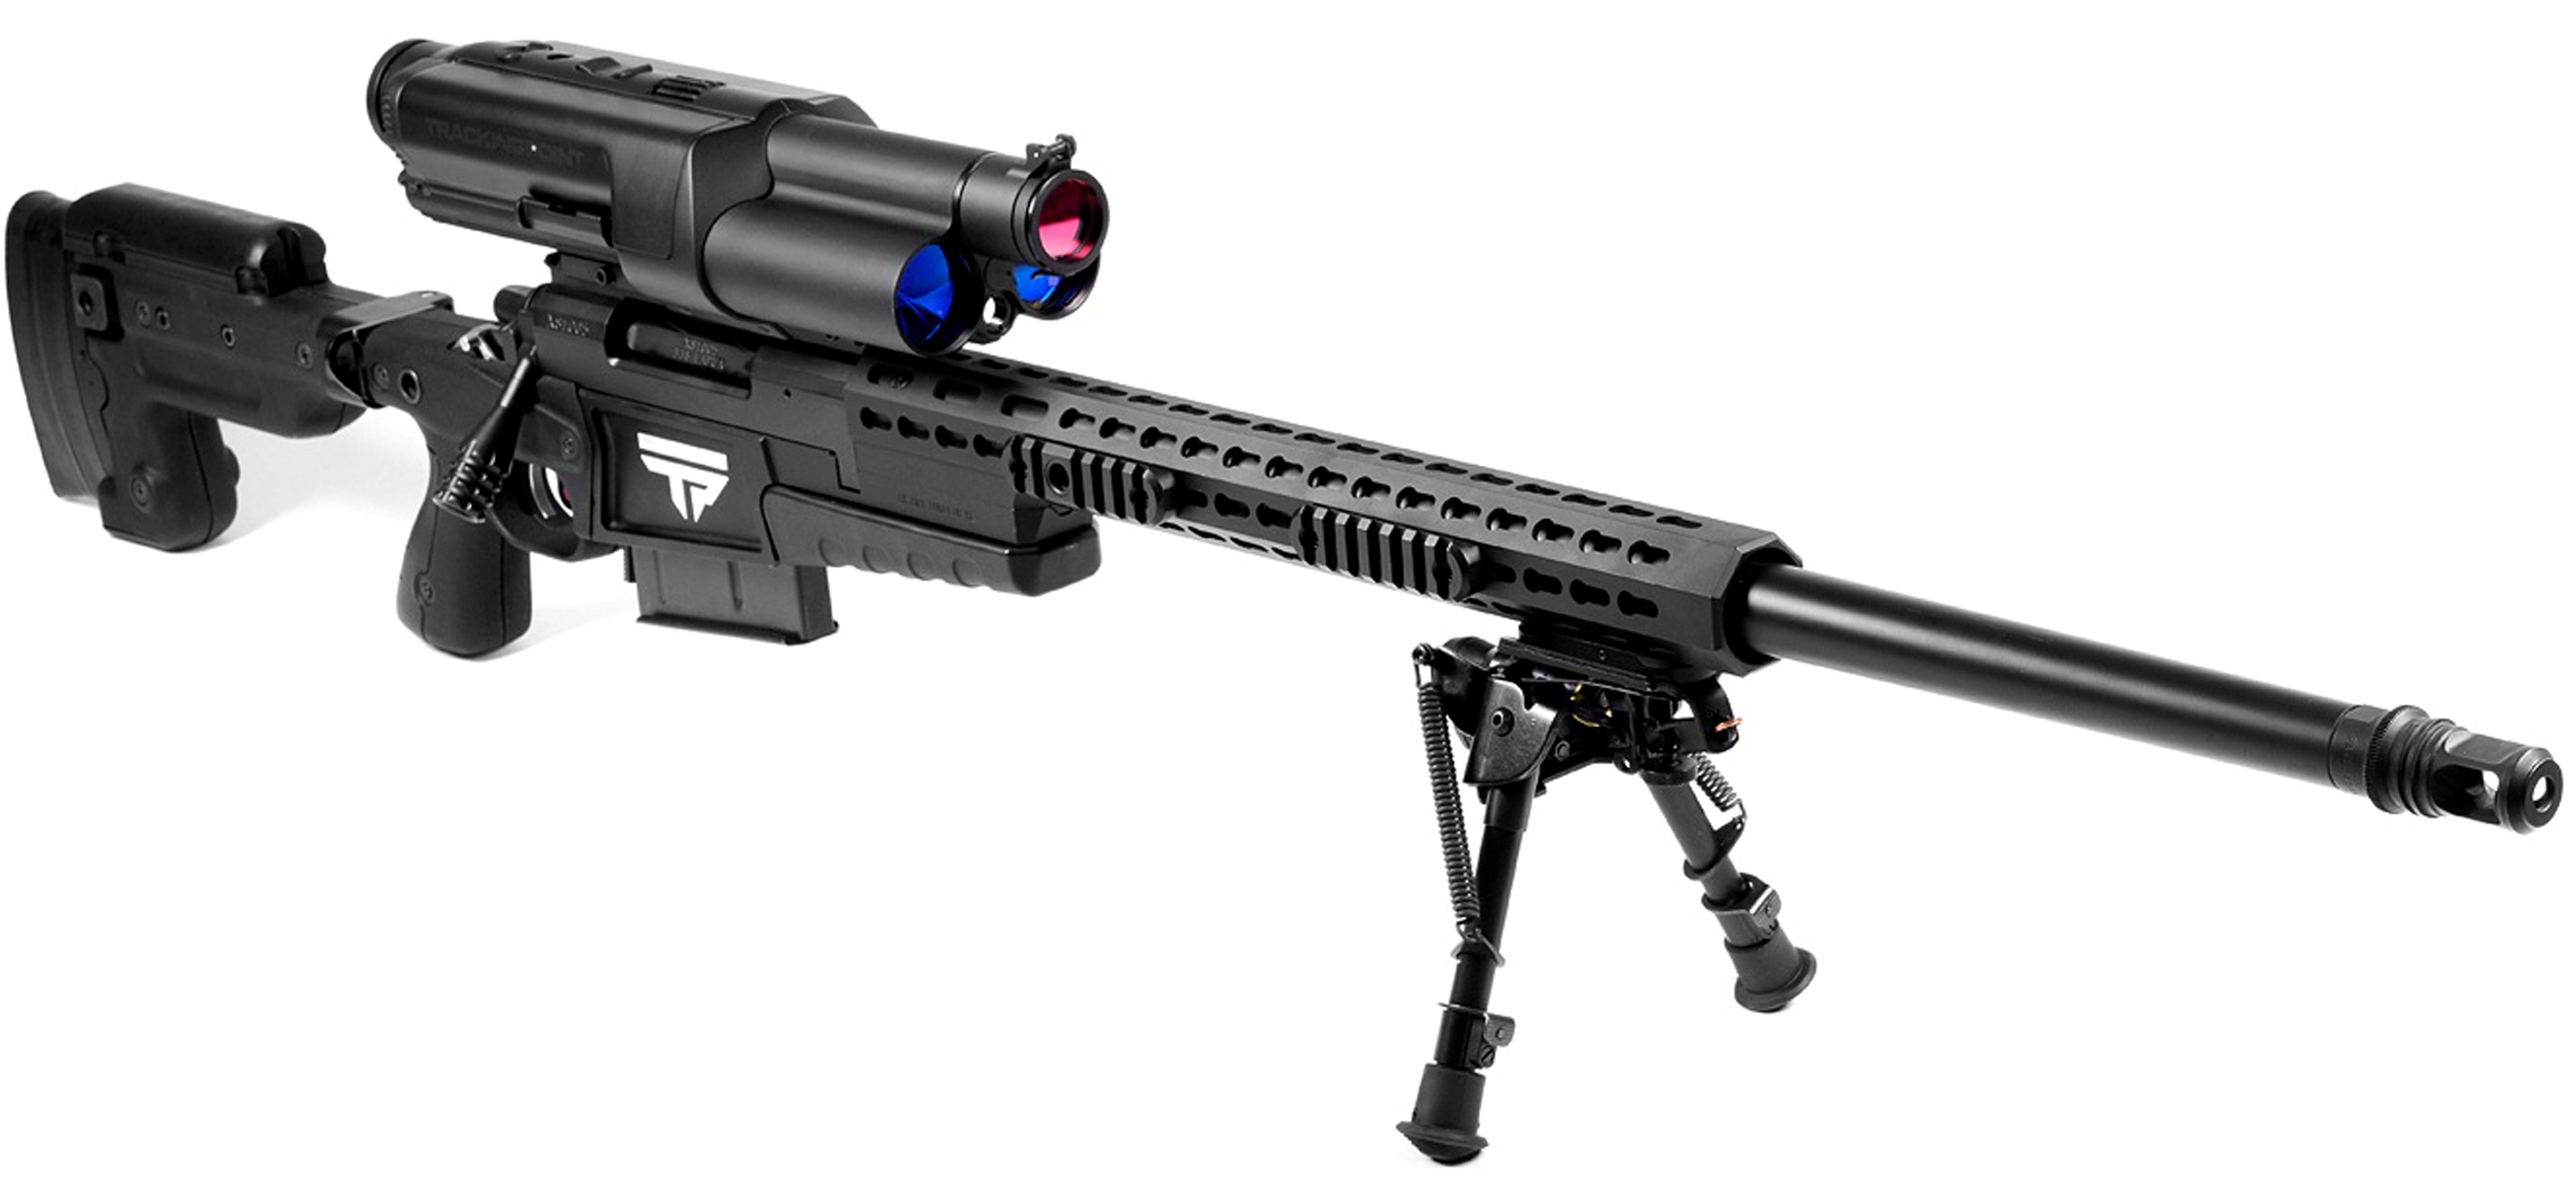 Precision Guided Firearm Wikipedia